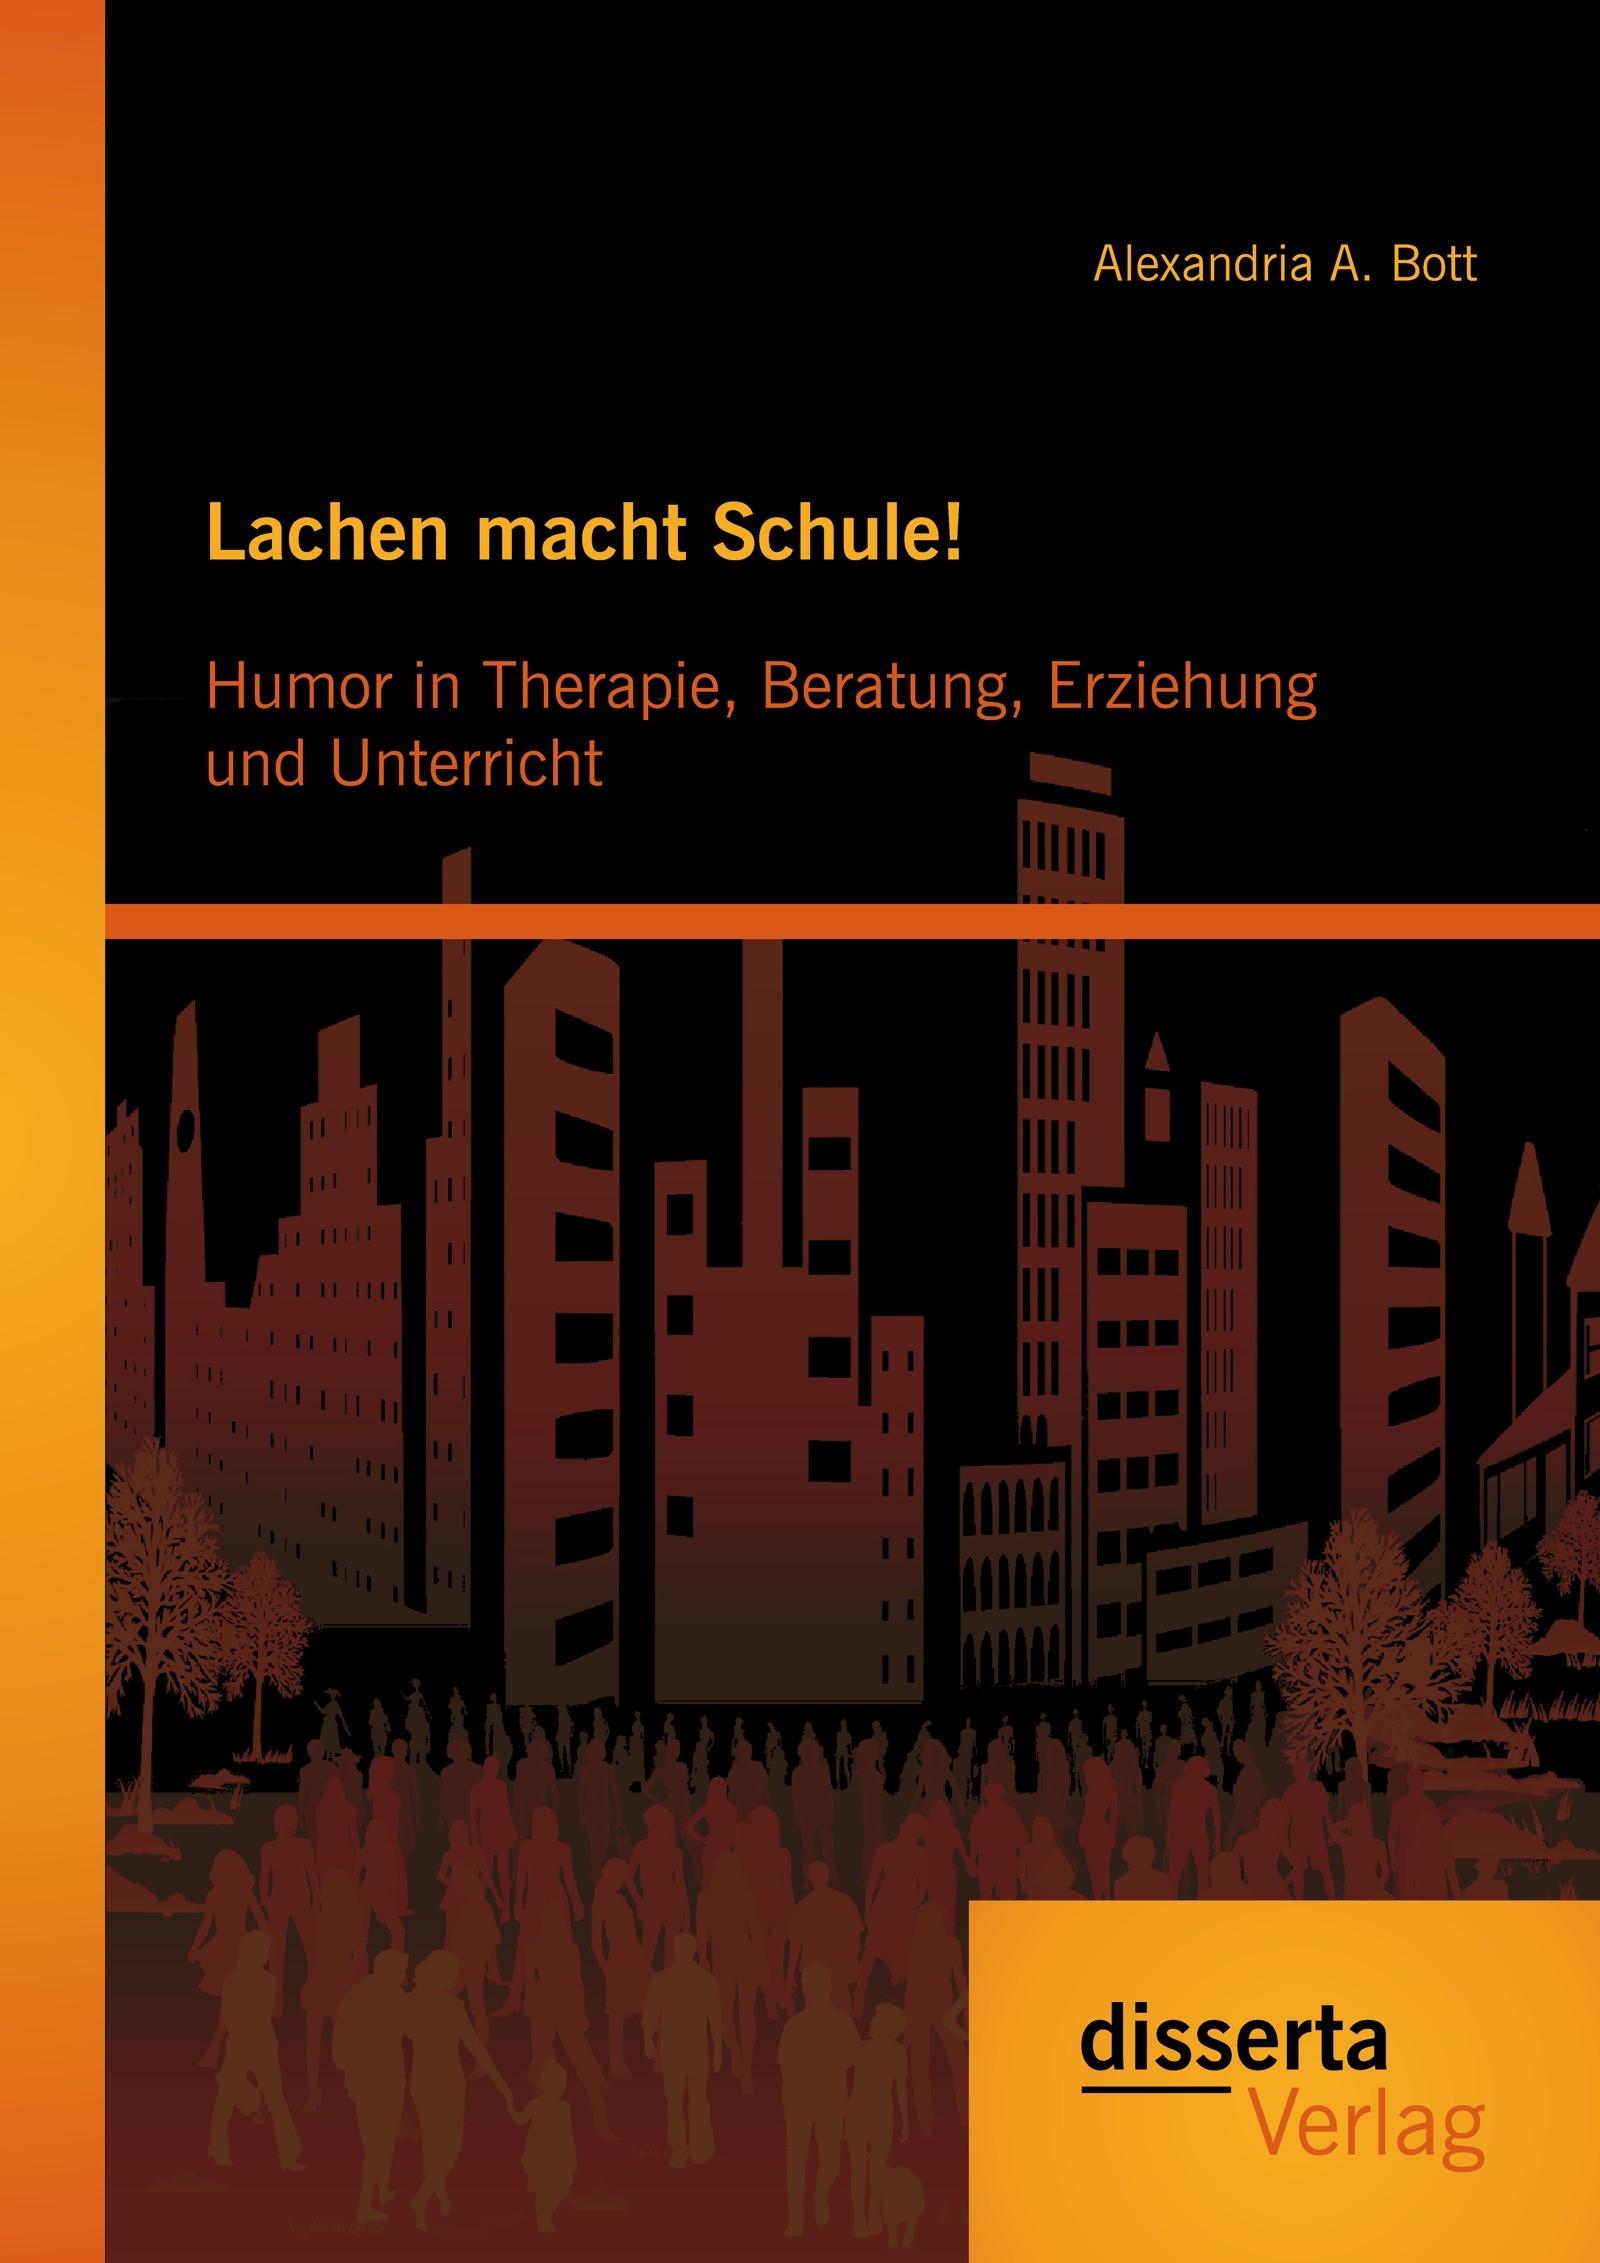 Lachen macht Schule! Humor in Therapie, Beratung, Erziehung und Unterricht | Bott, 2014 | Buch (Cover)